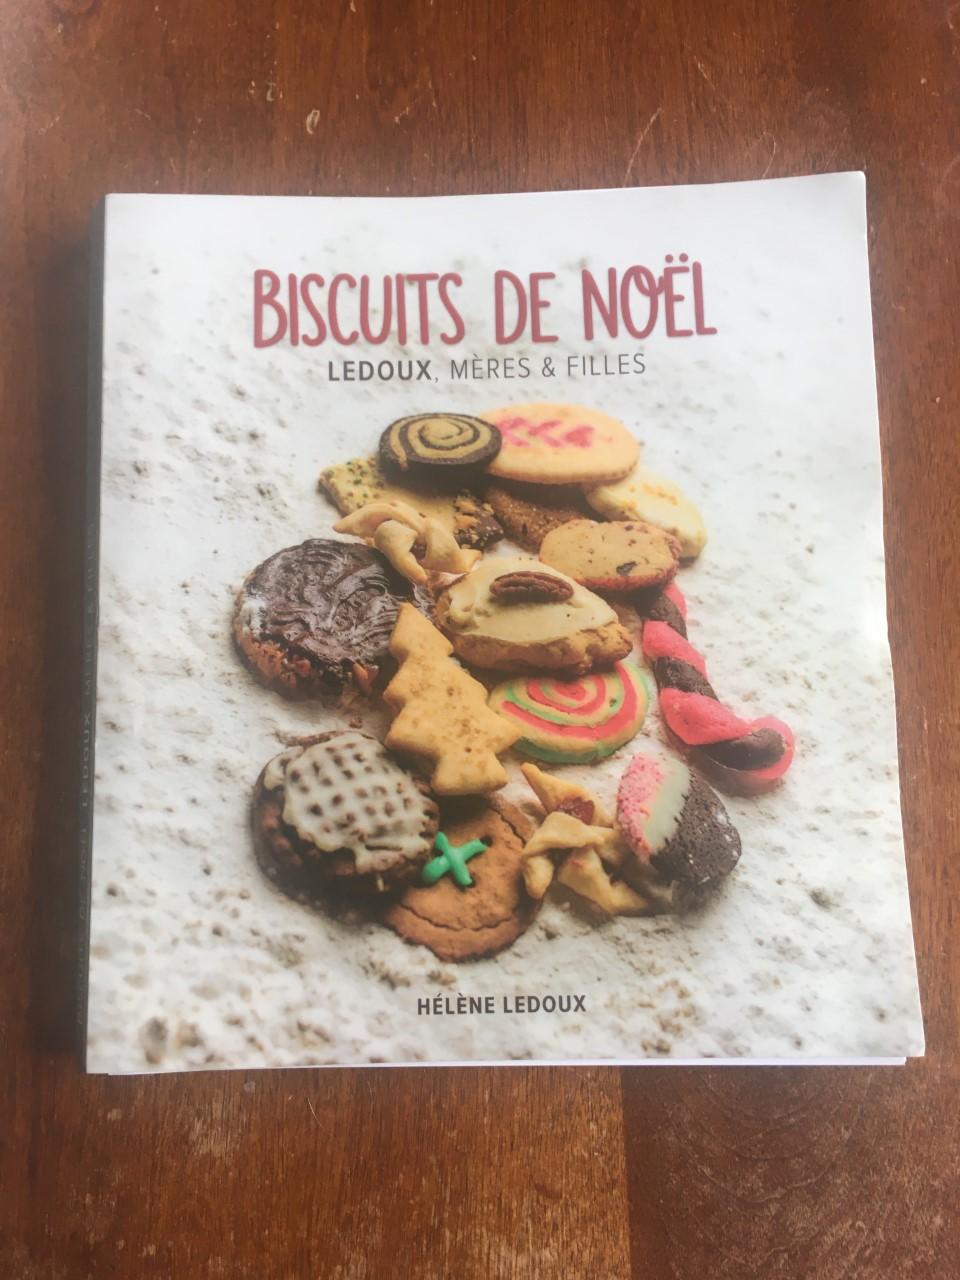 Biscuits de Noël Ledoux, mères & filles